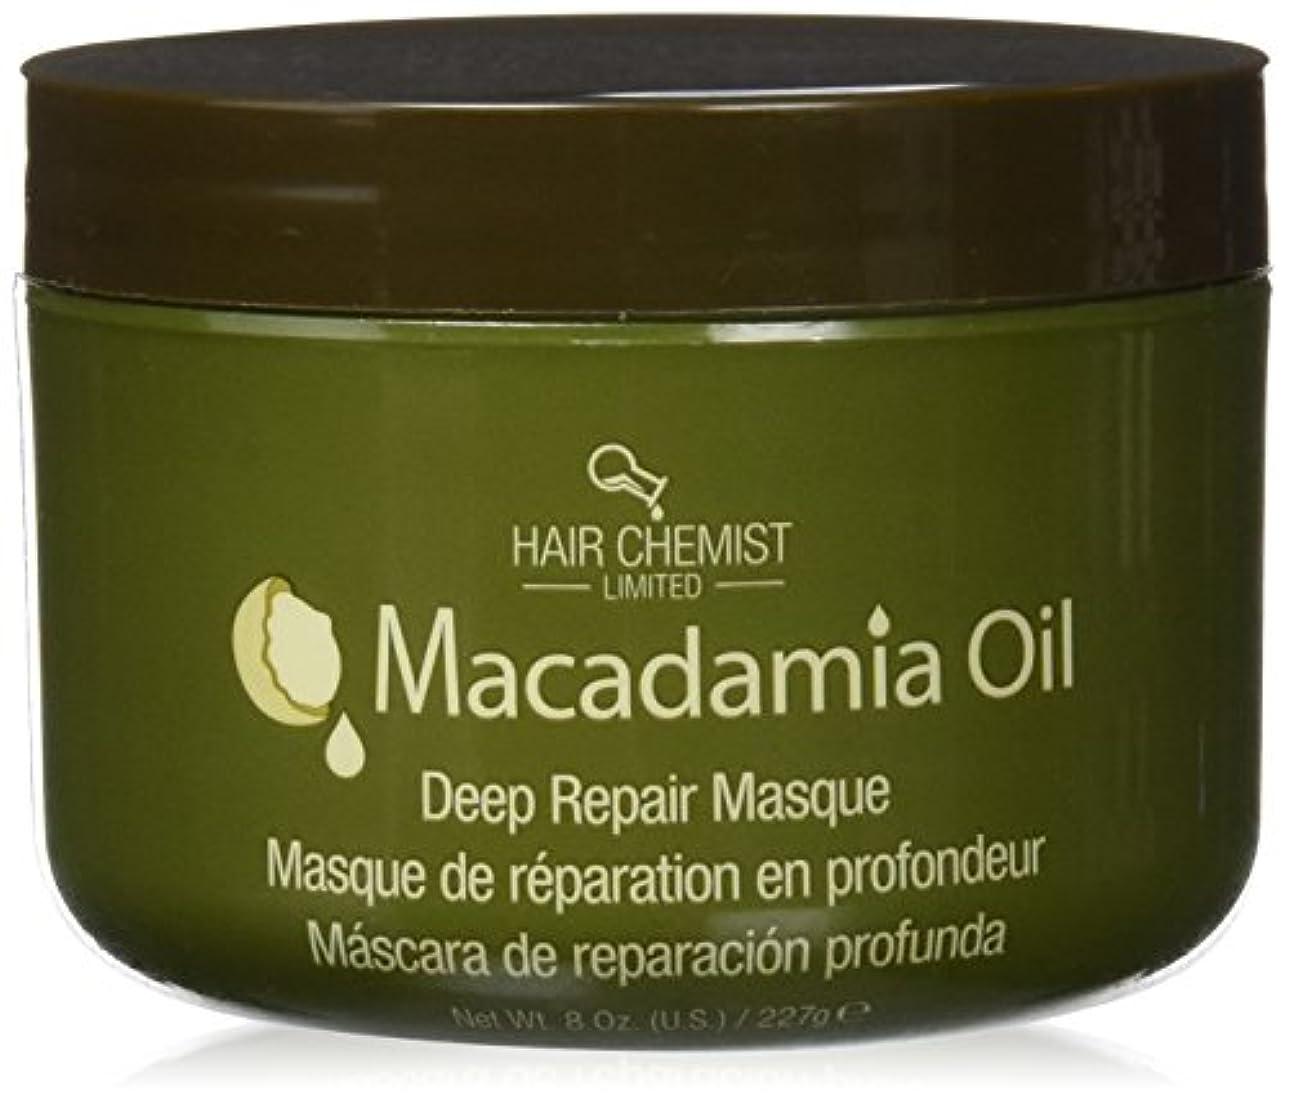 限られた弾薬歩行者Hair Chemist ヘアマスク マカダミア オイル ディープリペアマスク 227g Macadamia Oil Deep Repair Mask 1434 New York